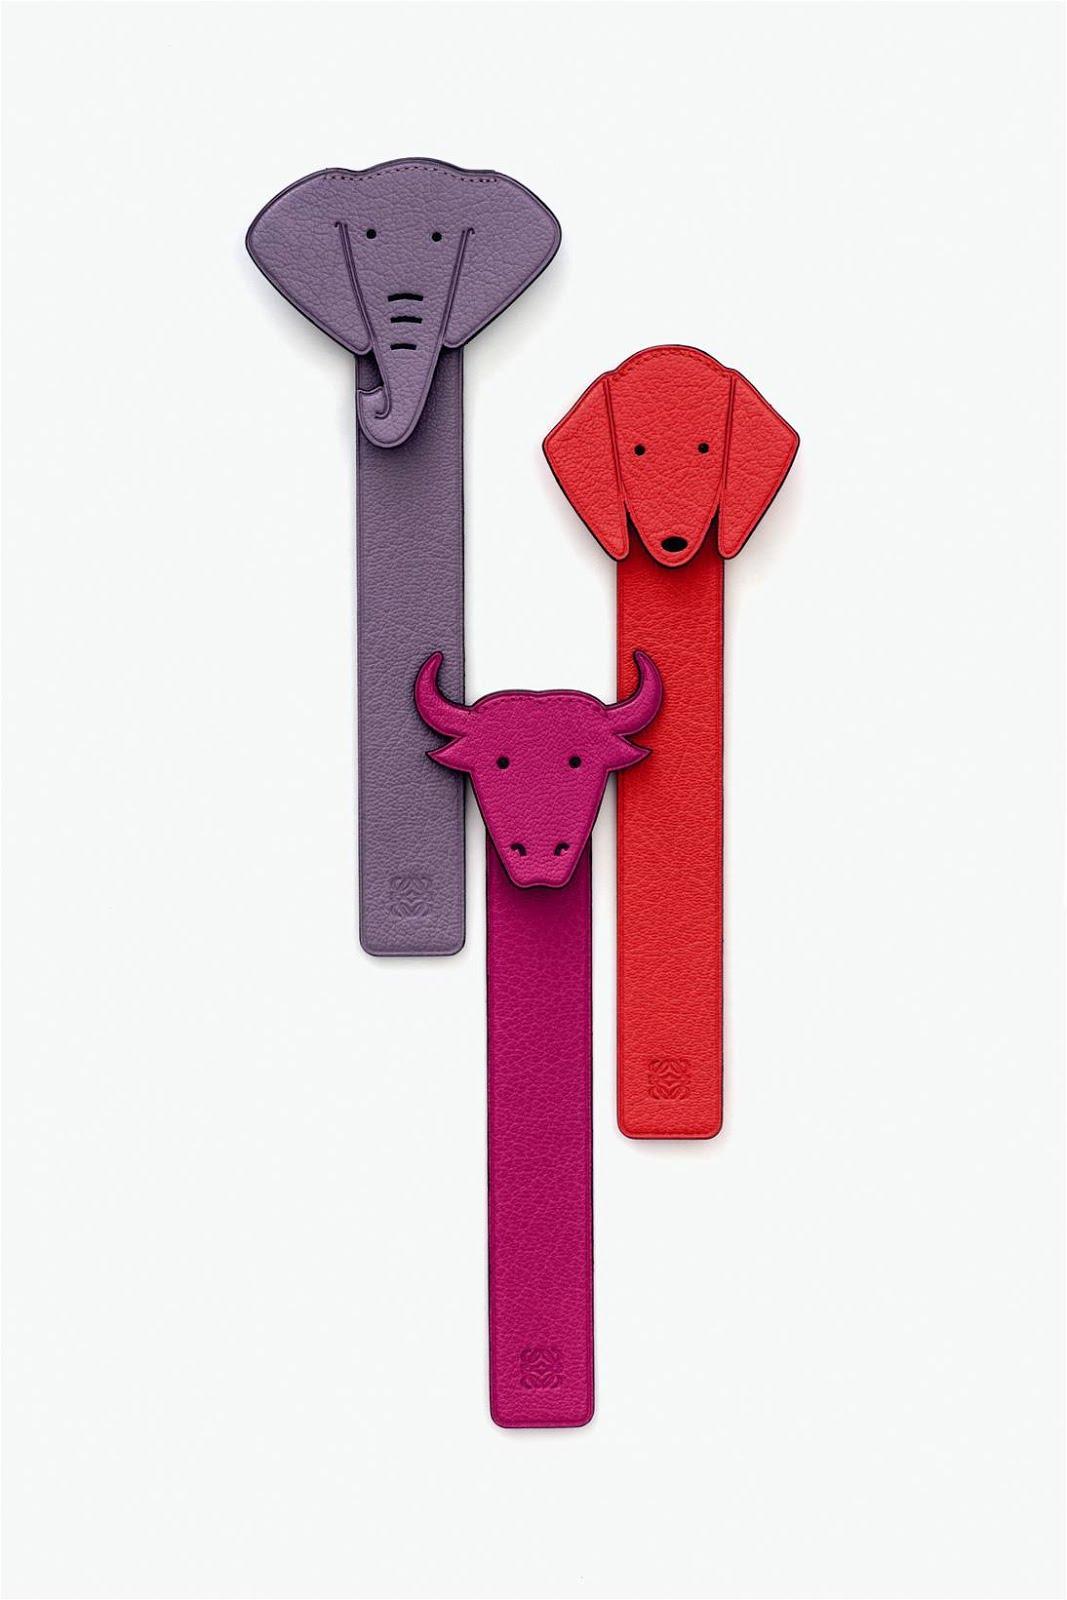 Los animalitos de Loewe